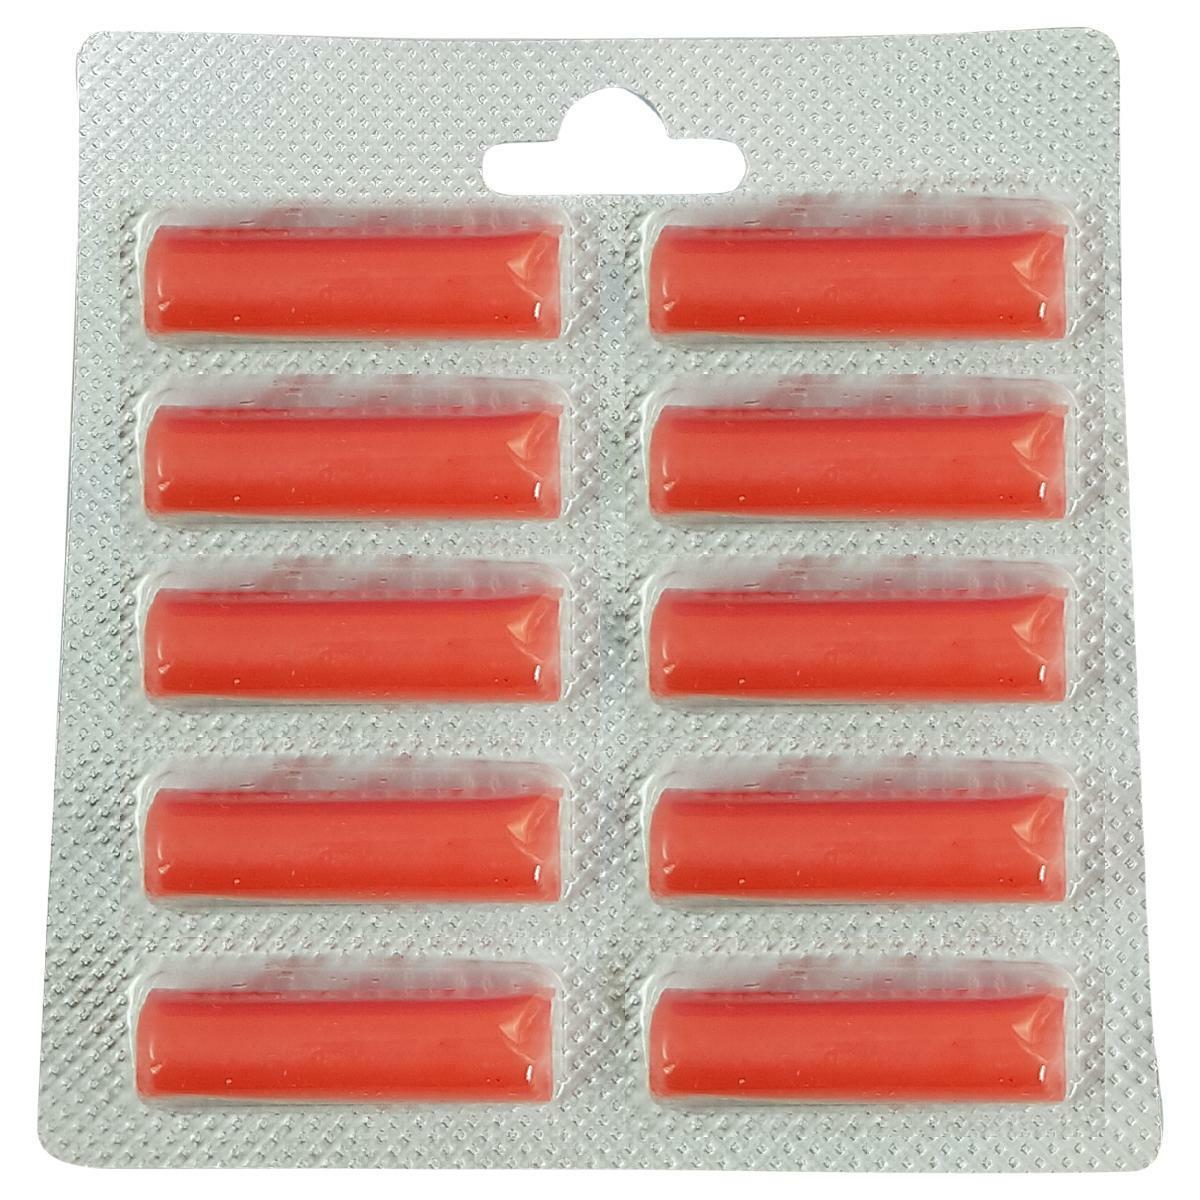 bierre store profumi per folletto e aspirapolvere frutti rossi kit 6 pz compatibili